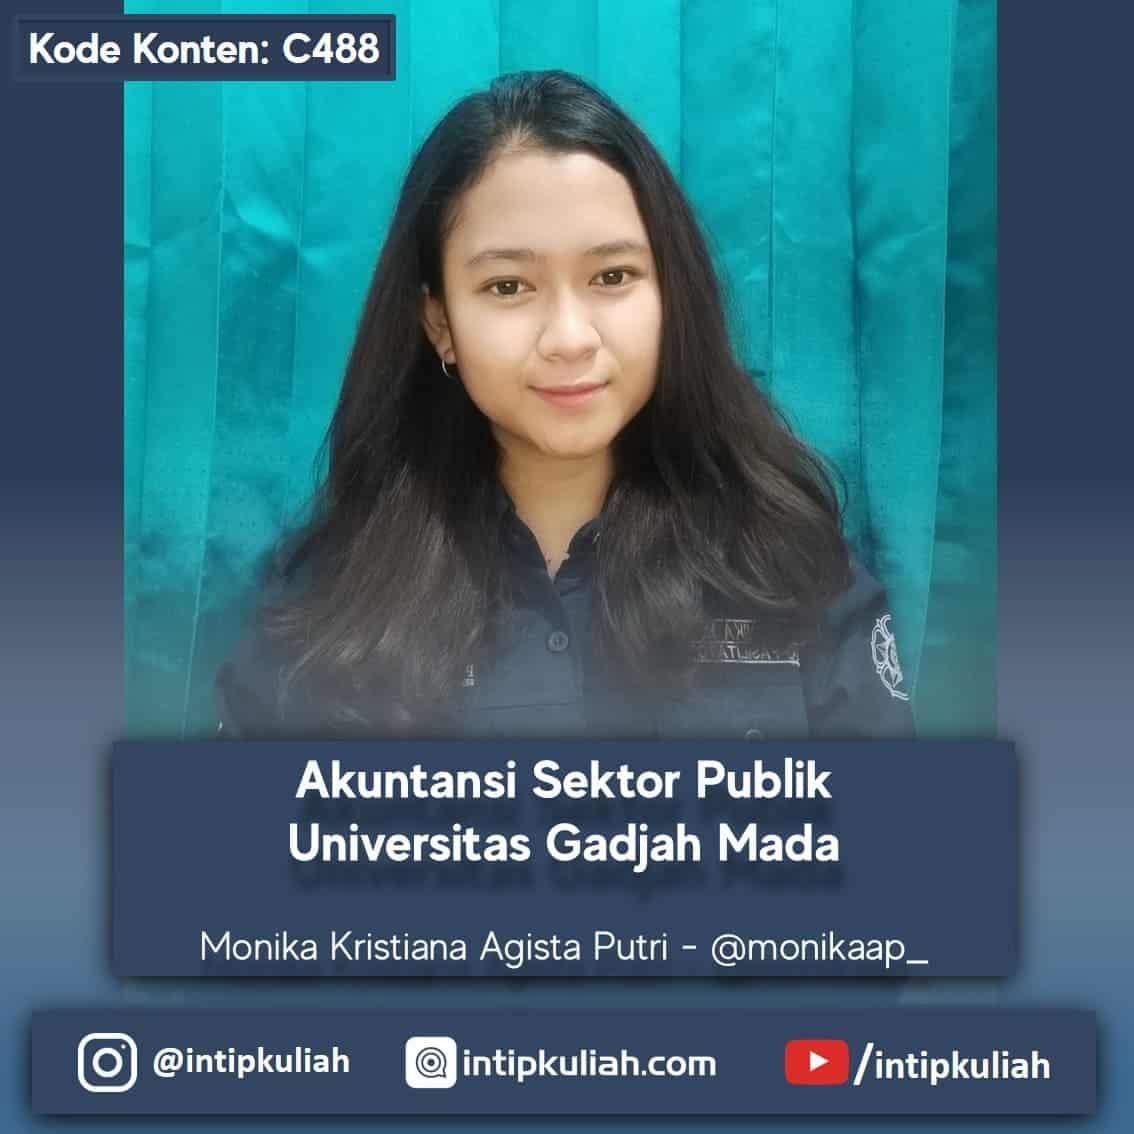 Akuntansi Sektor Publik UGM (Monika)